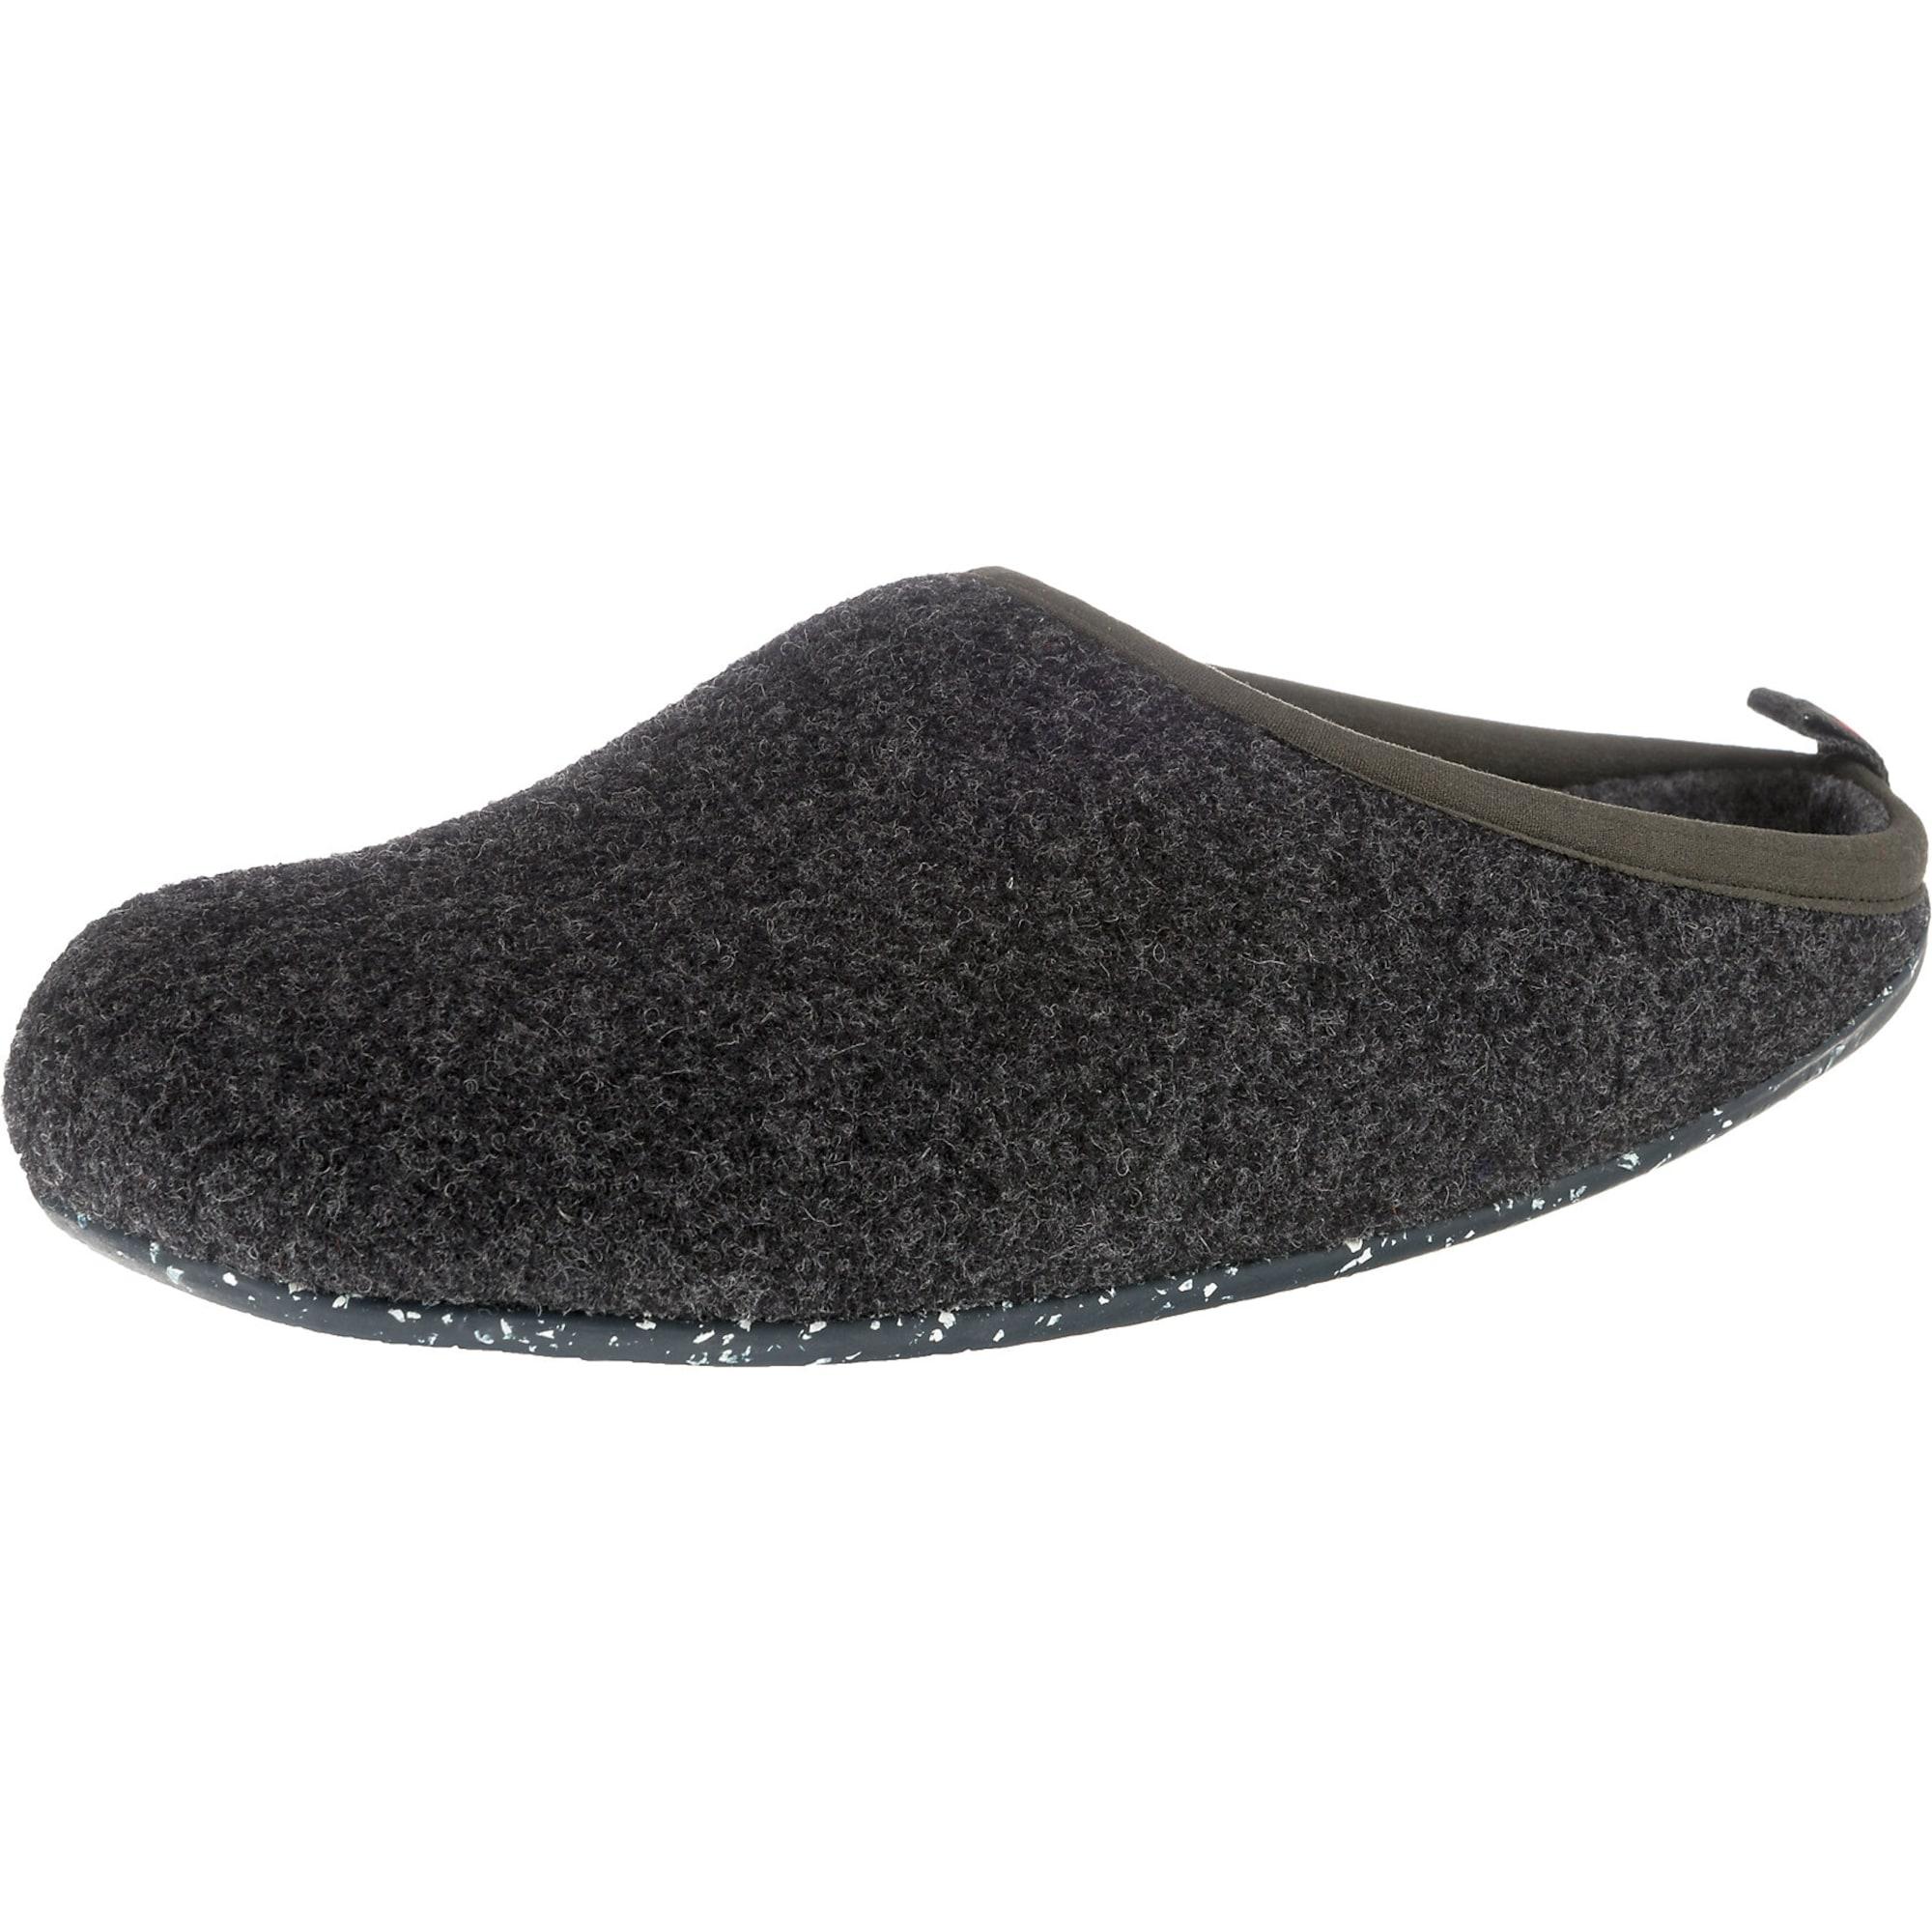 Pantoffeln | Schuhe > Hausschuhe > Pantoffeln | Grau | CAMPER